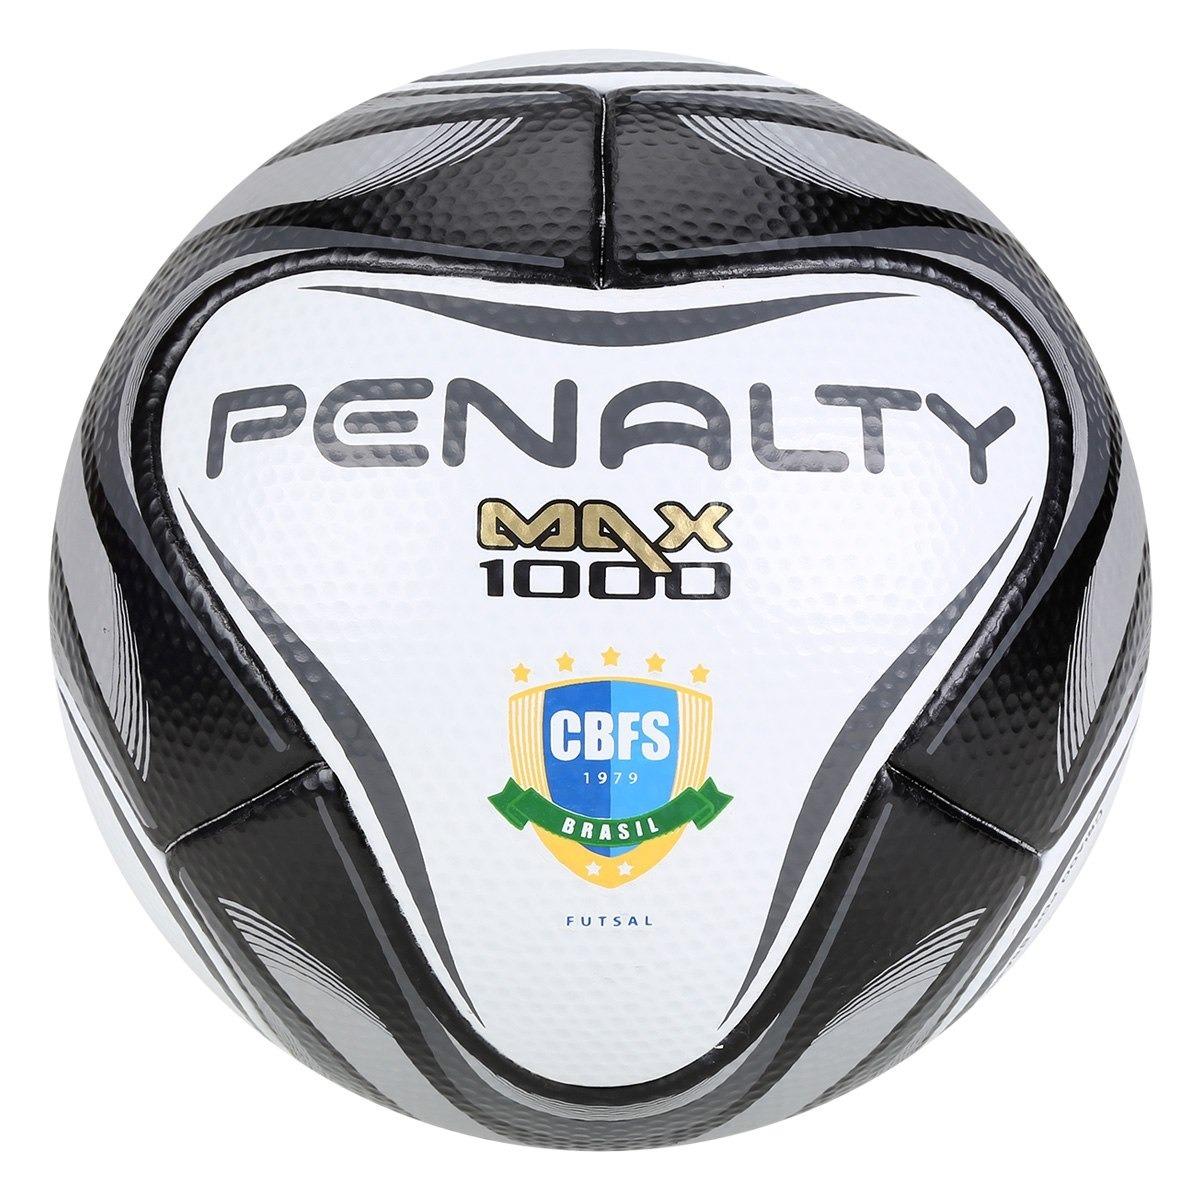 0f43904850855 bola de futsal penalty max 1000 all black - edição limitada. Carregando zoom .